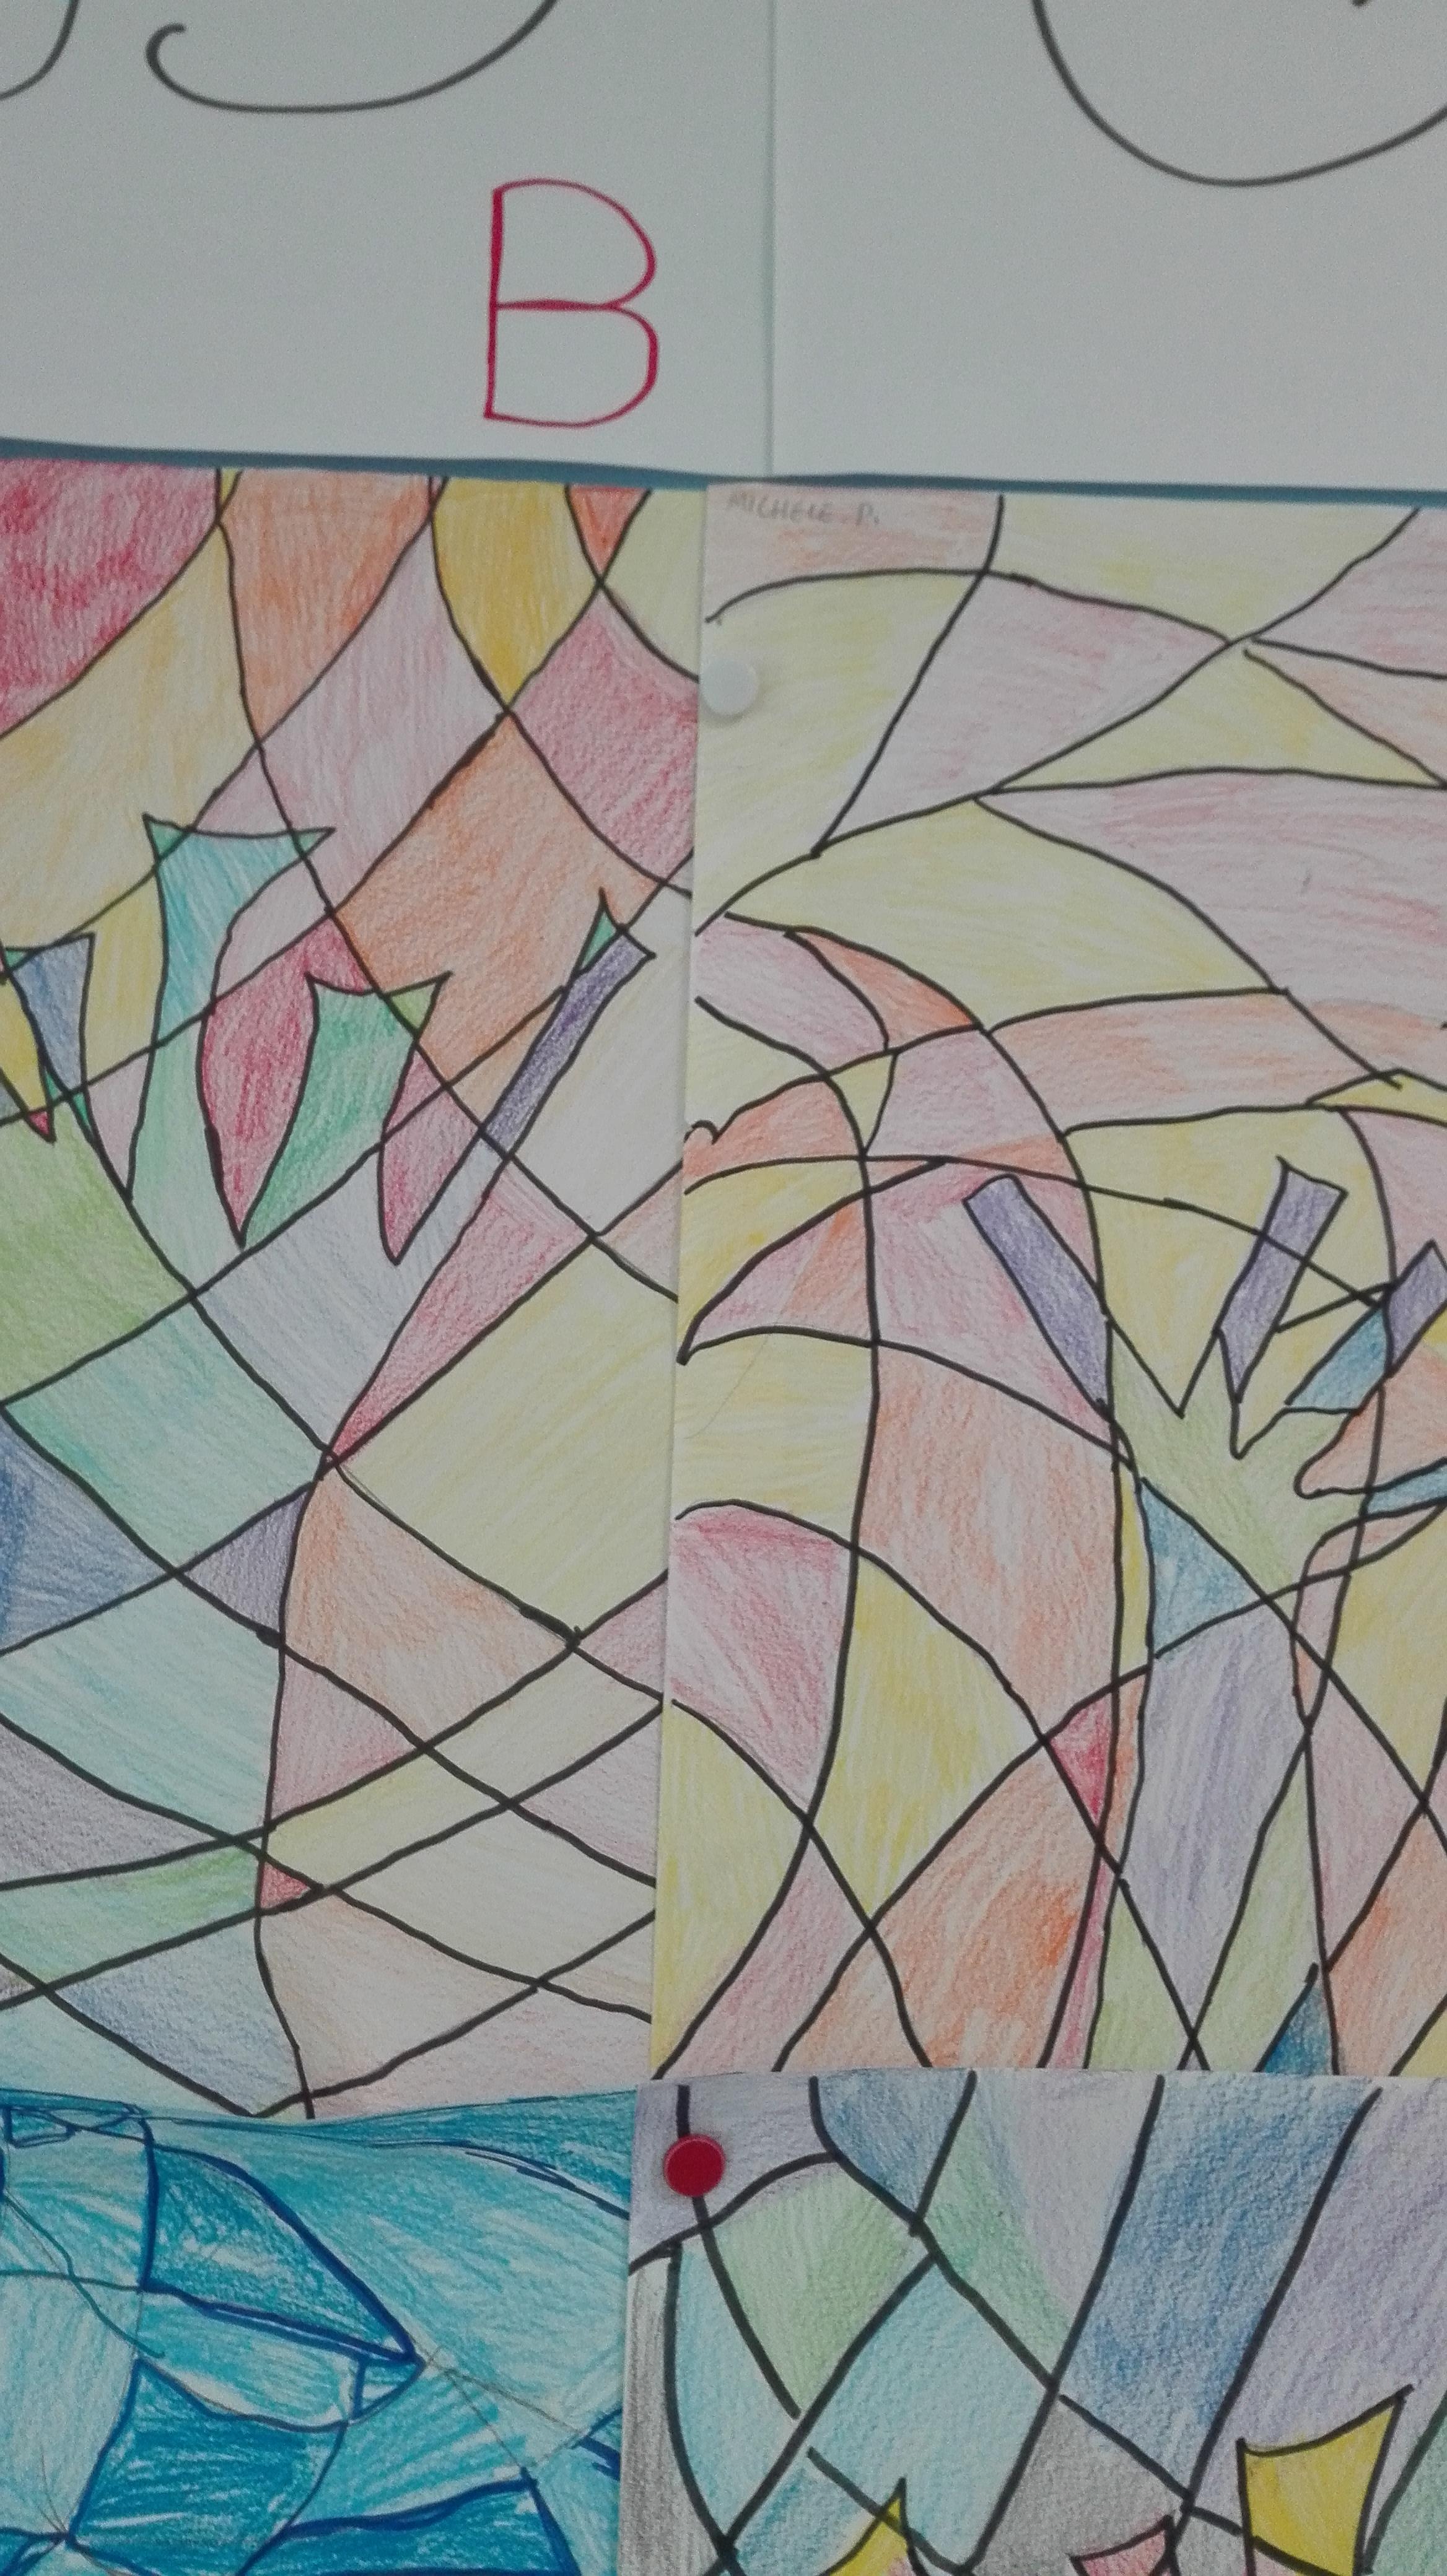 Albero Autunnale Colori Caldi E Freddi Immagine Maestra Anita